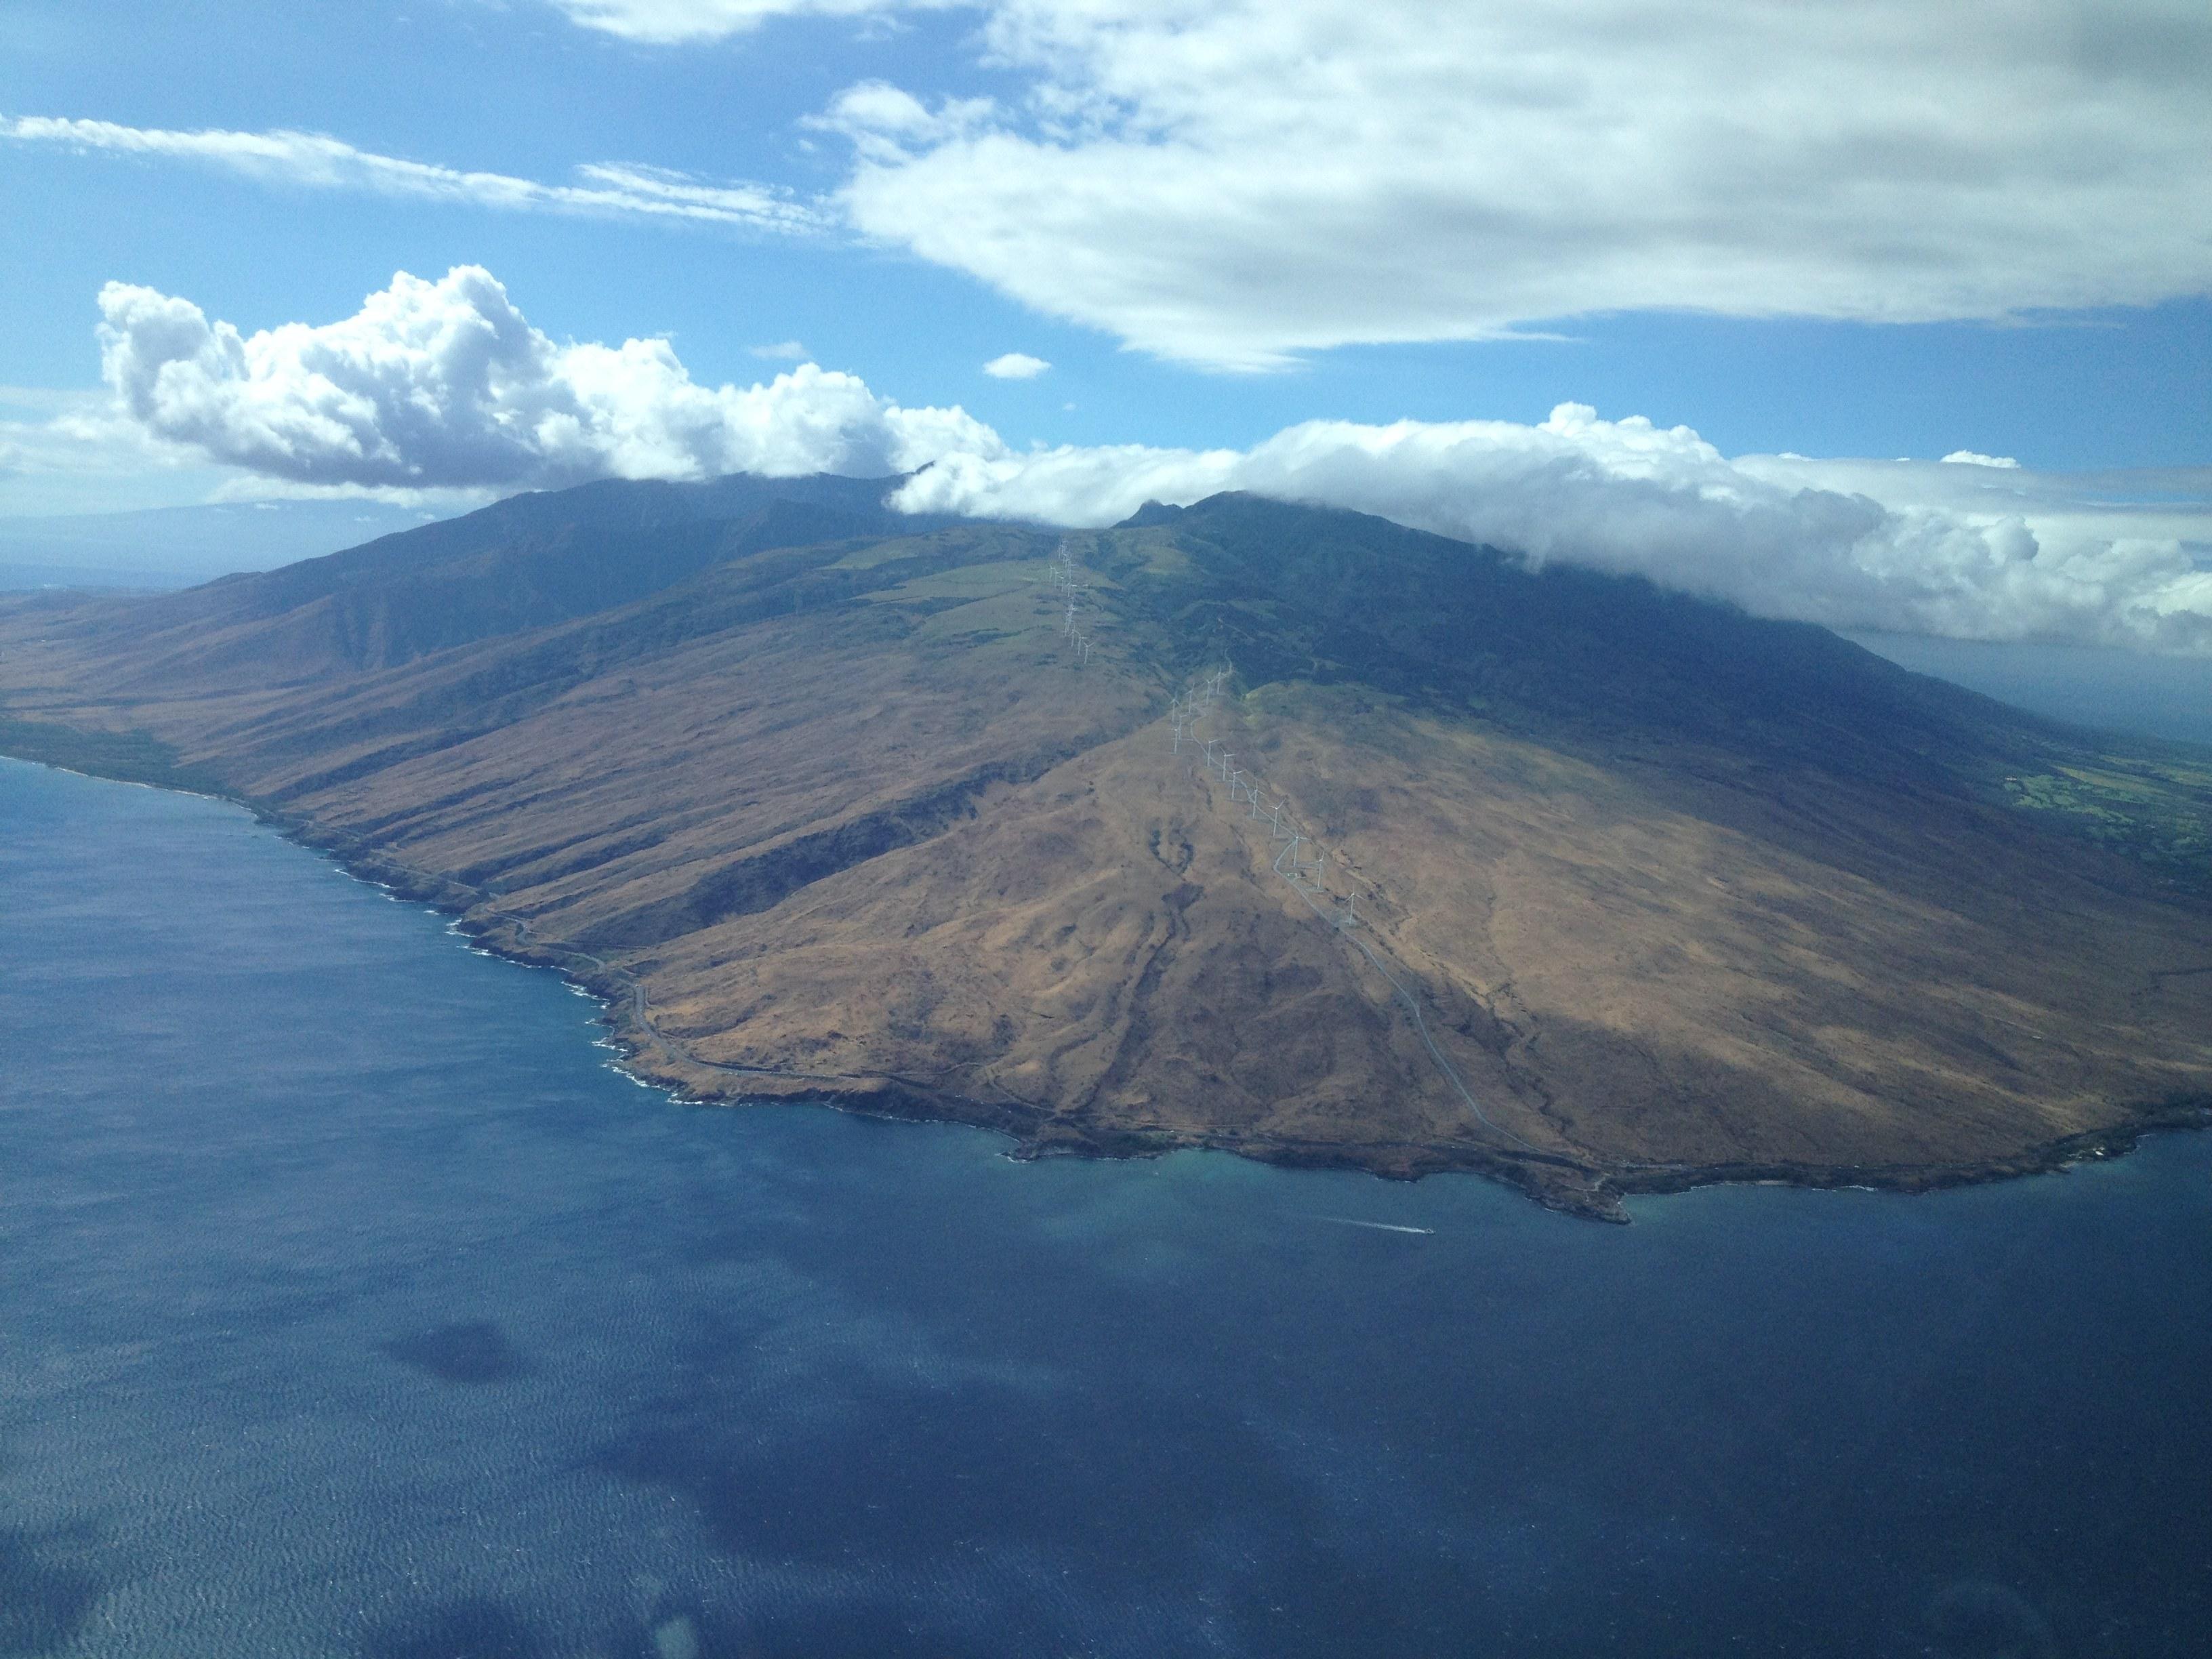 Waikapu, Maui